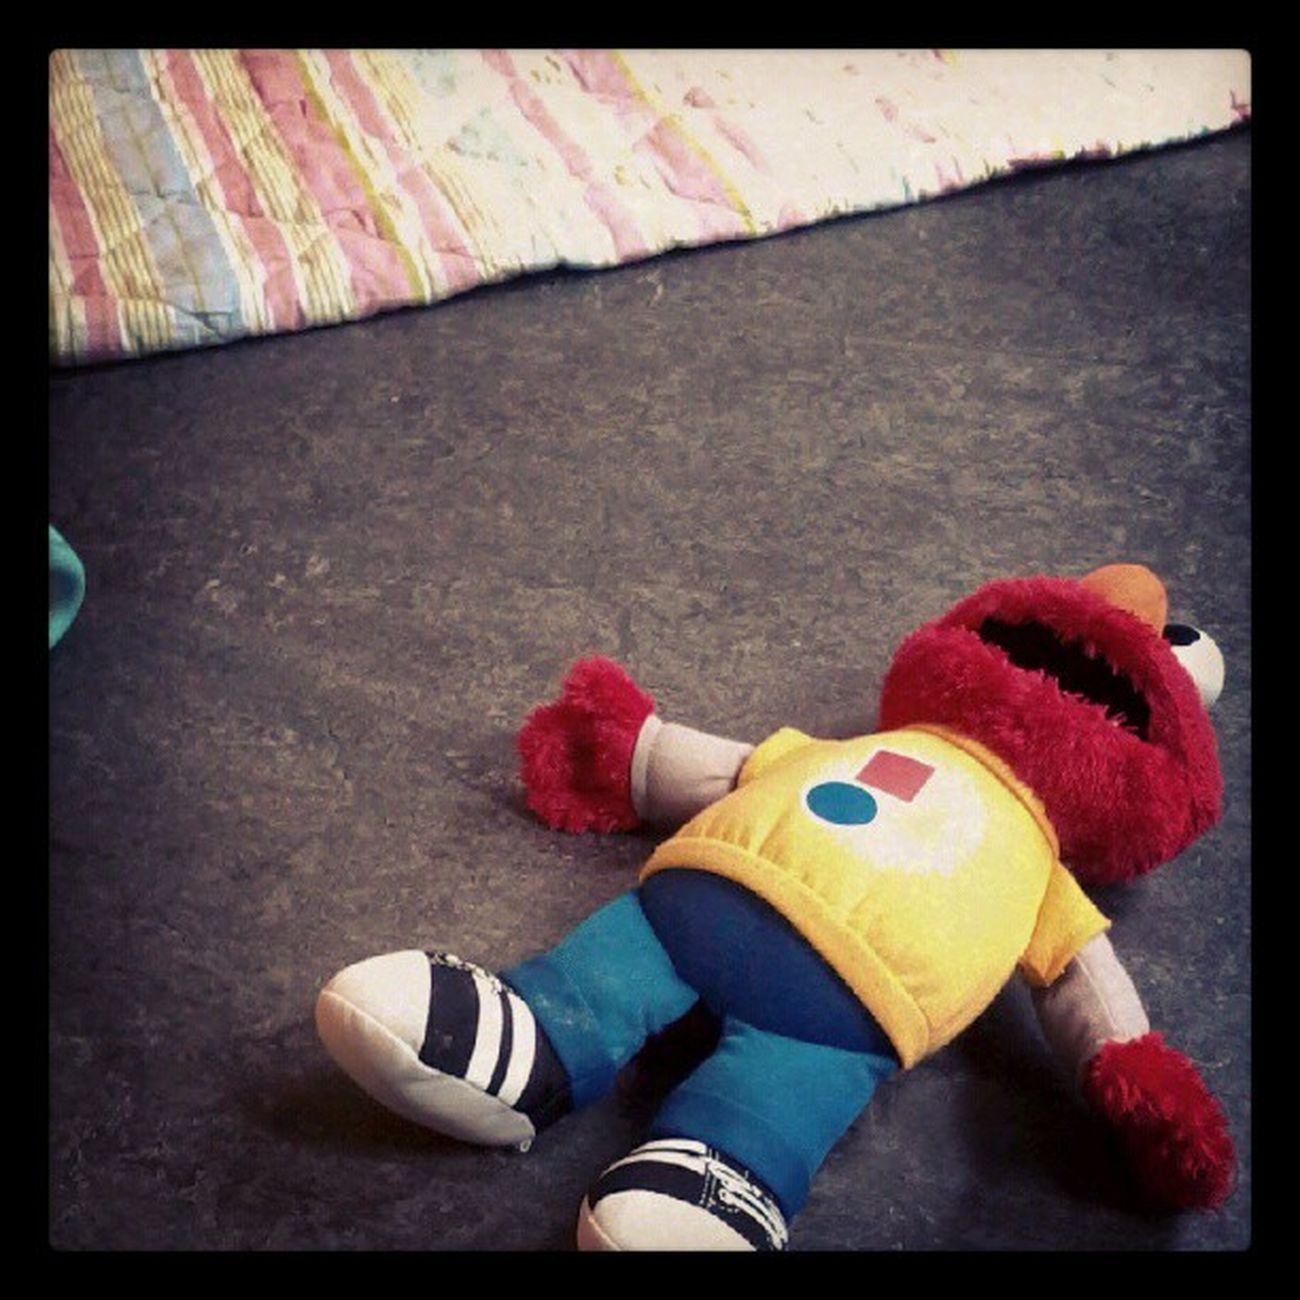 Elmo. Forladt og alene. For et kort øjeblik ihvertfald.